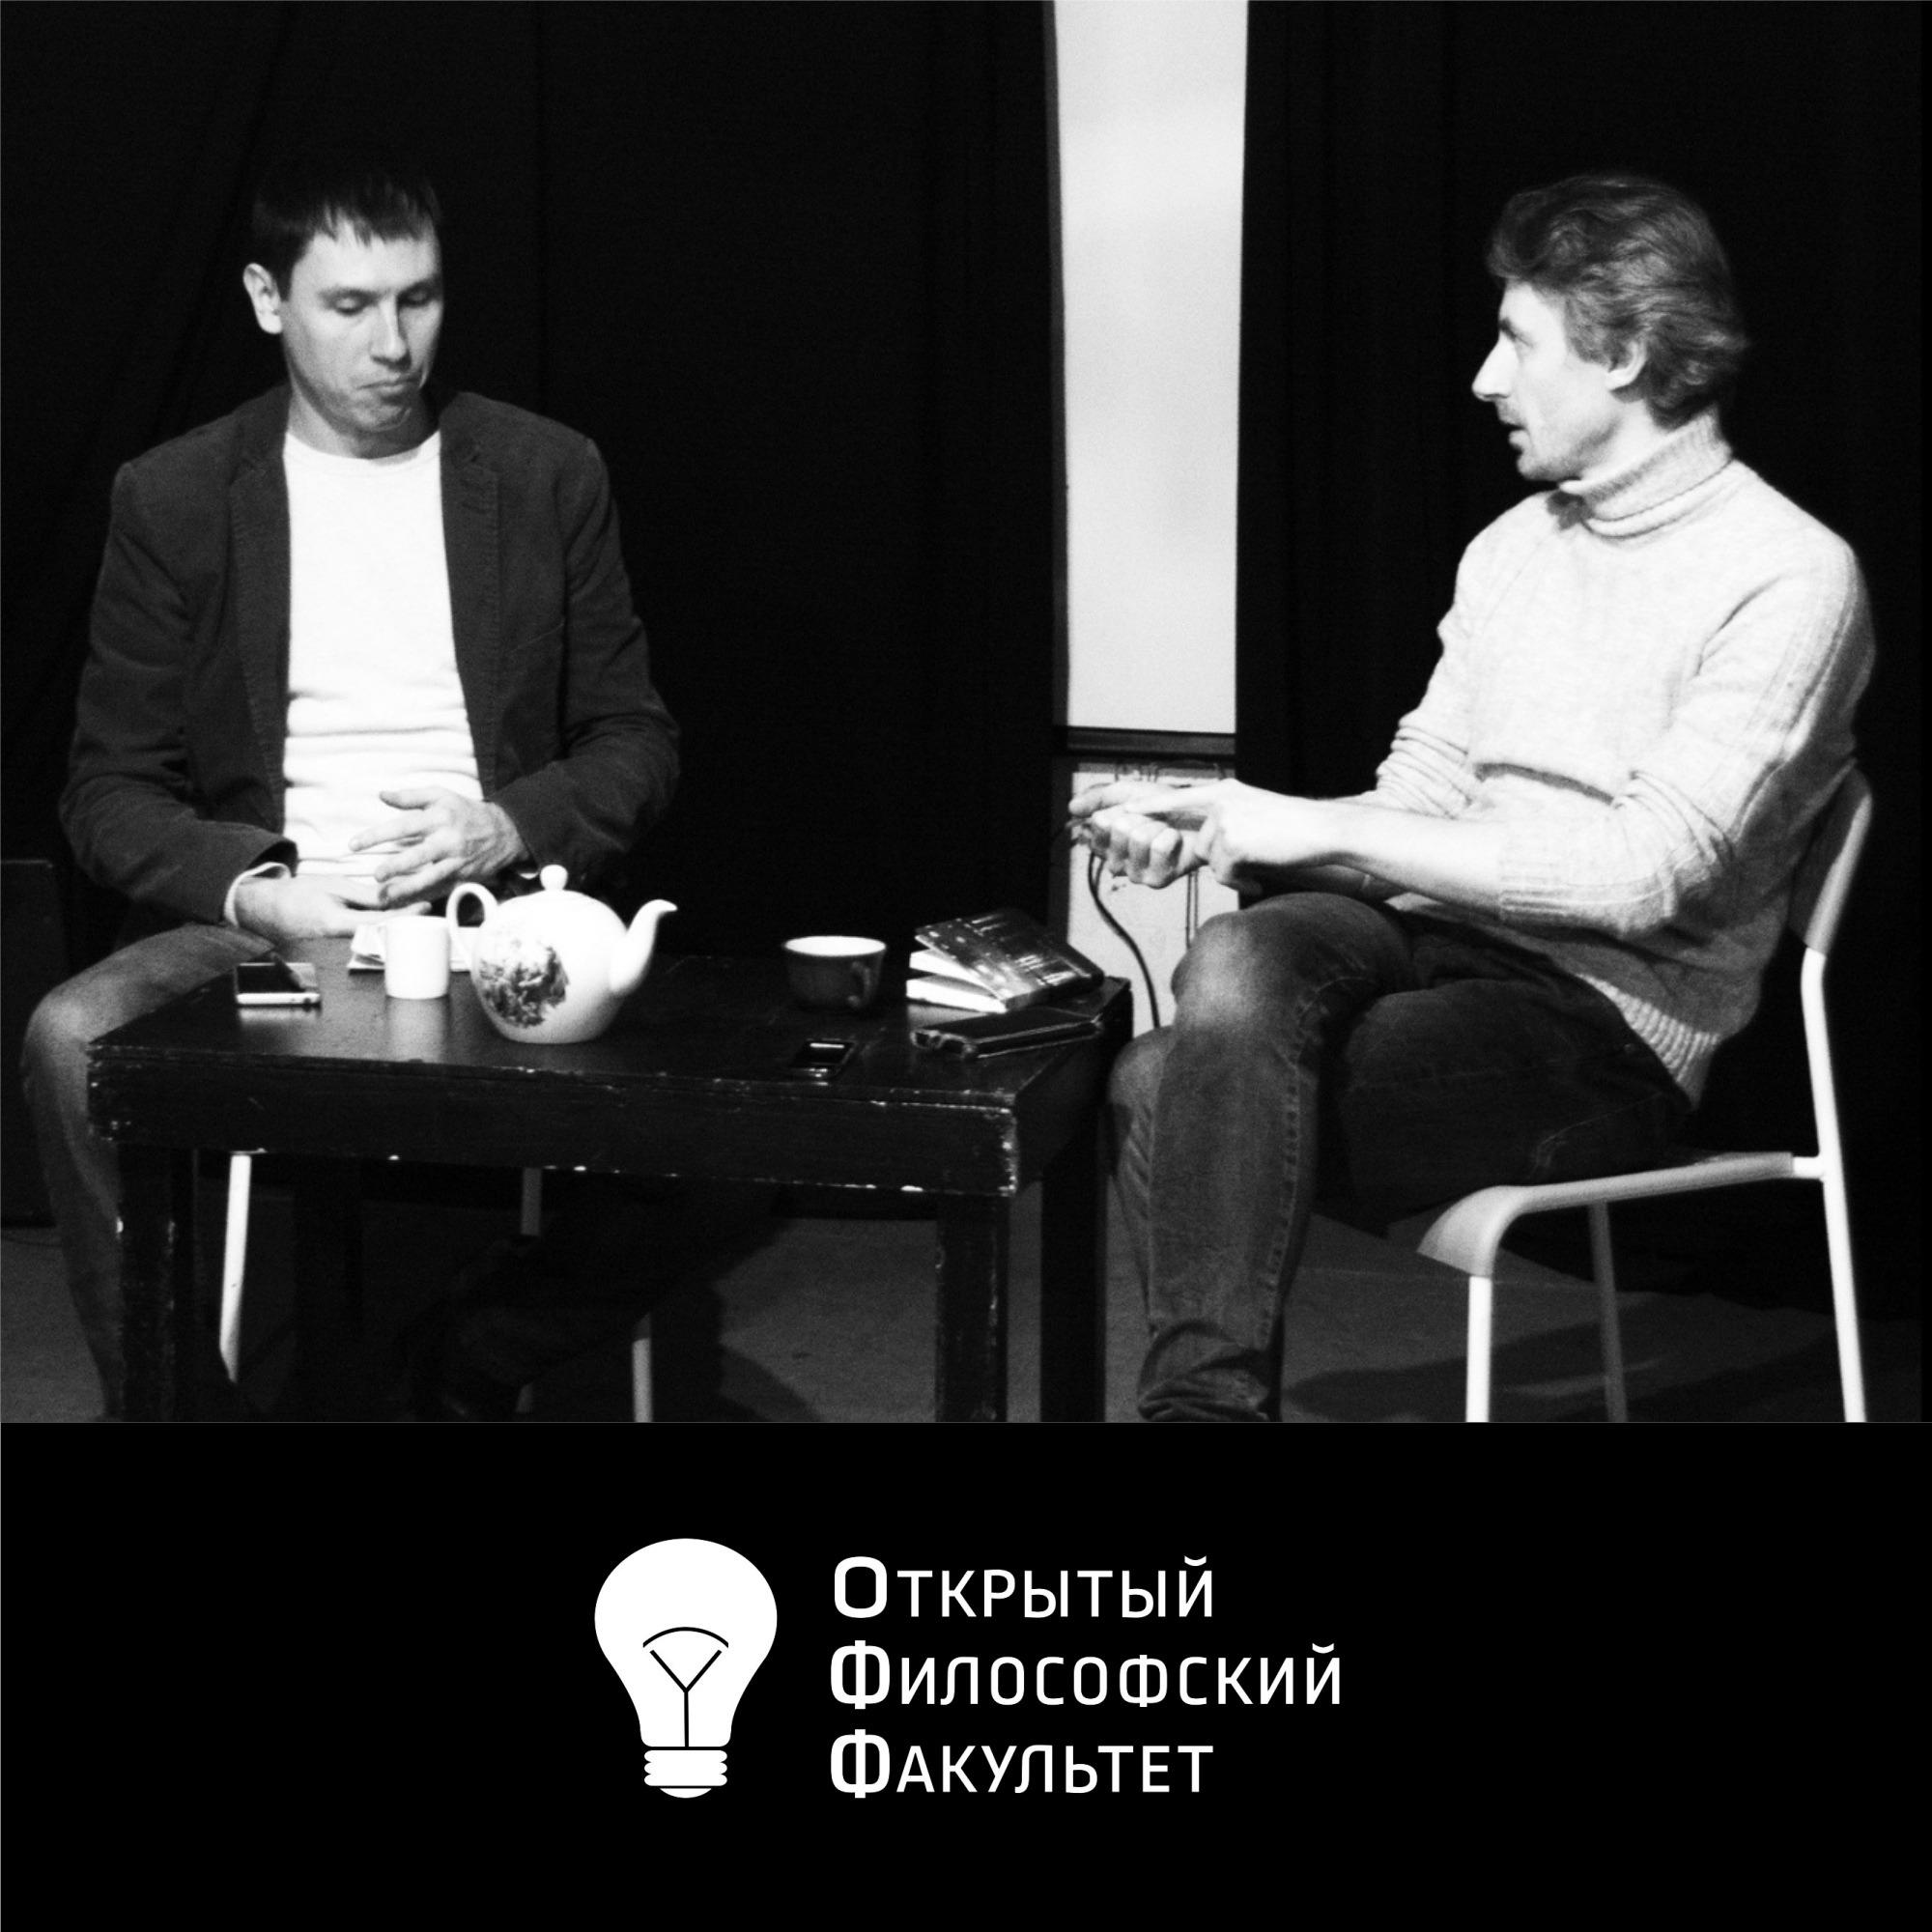 Диспозитив в действии - Диалог 1. Илья Мавринский и Кирилл Половников